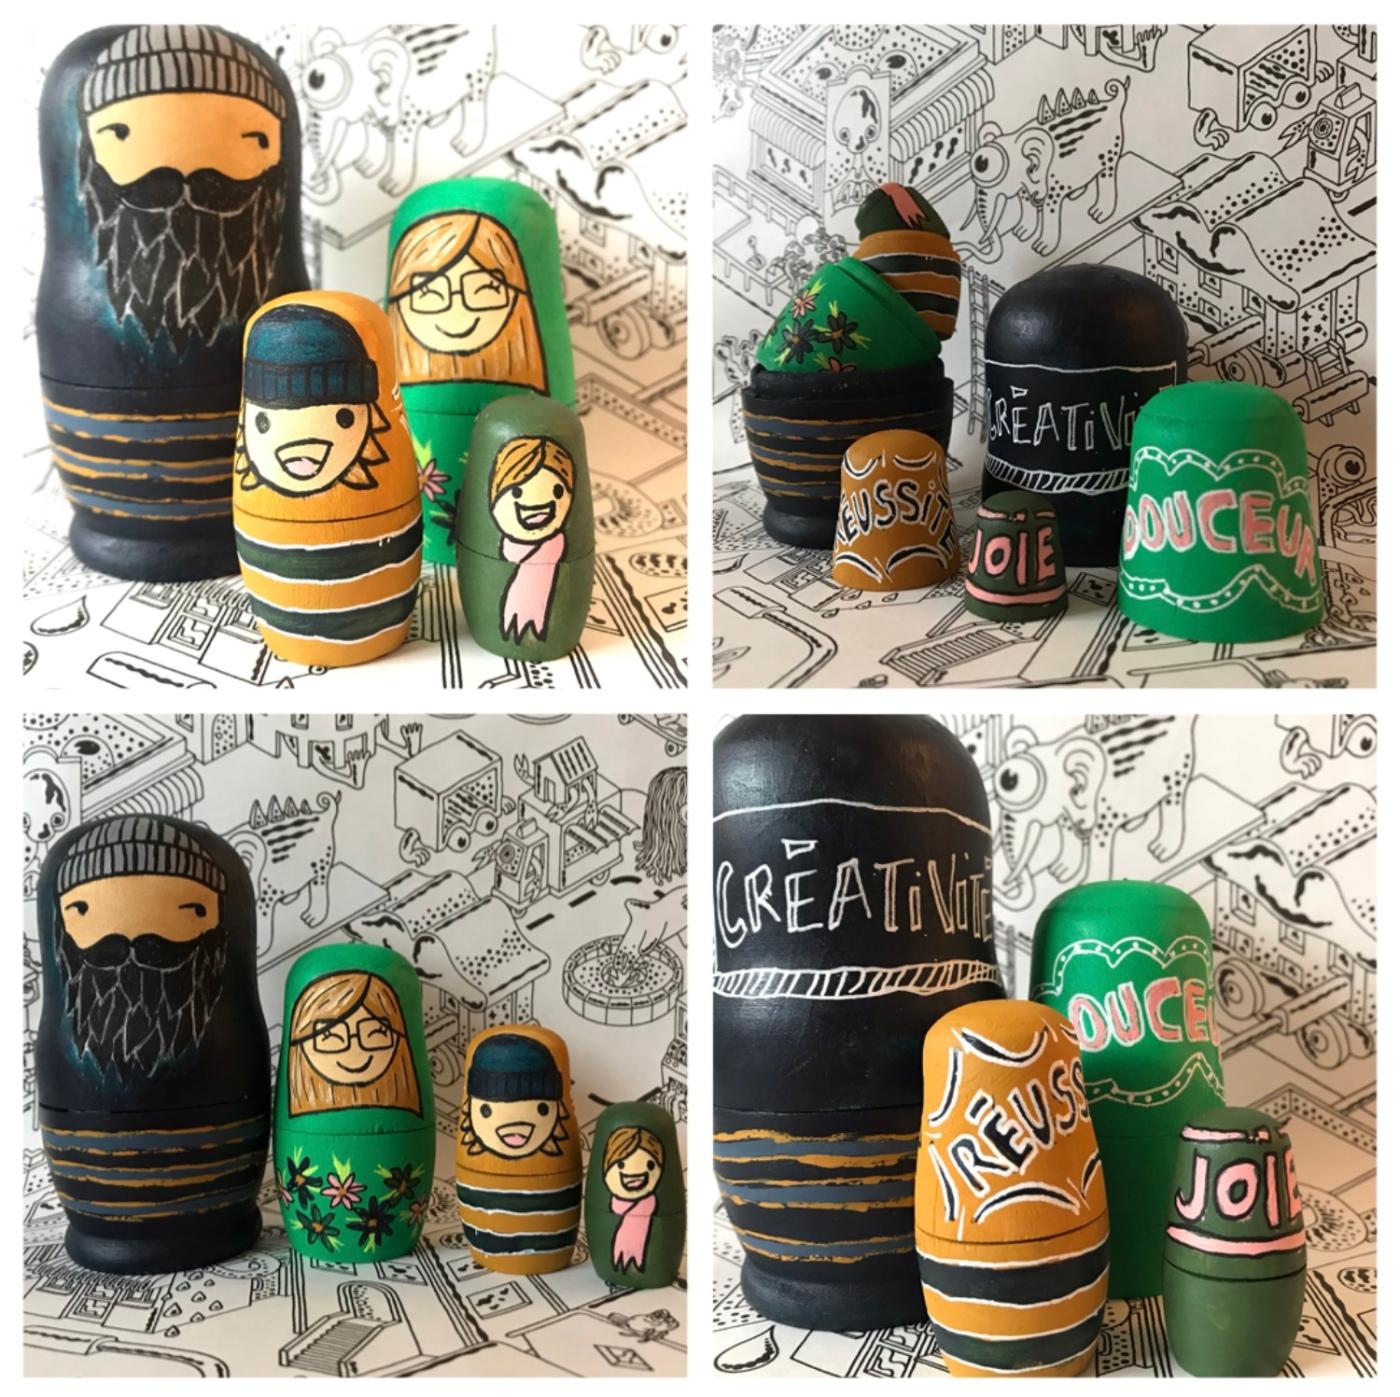 Tous nos vœux de bonne année - poupées gigognes personnalisé - cadeaux - vœux - peinture - bricolage enfant - craft for kids - DIY - Image à la une